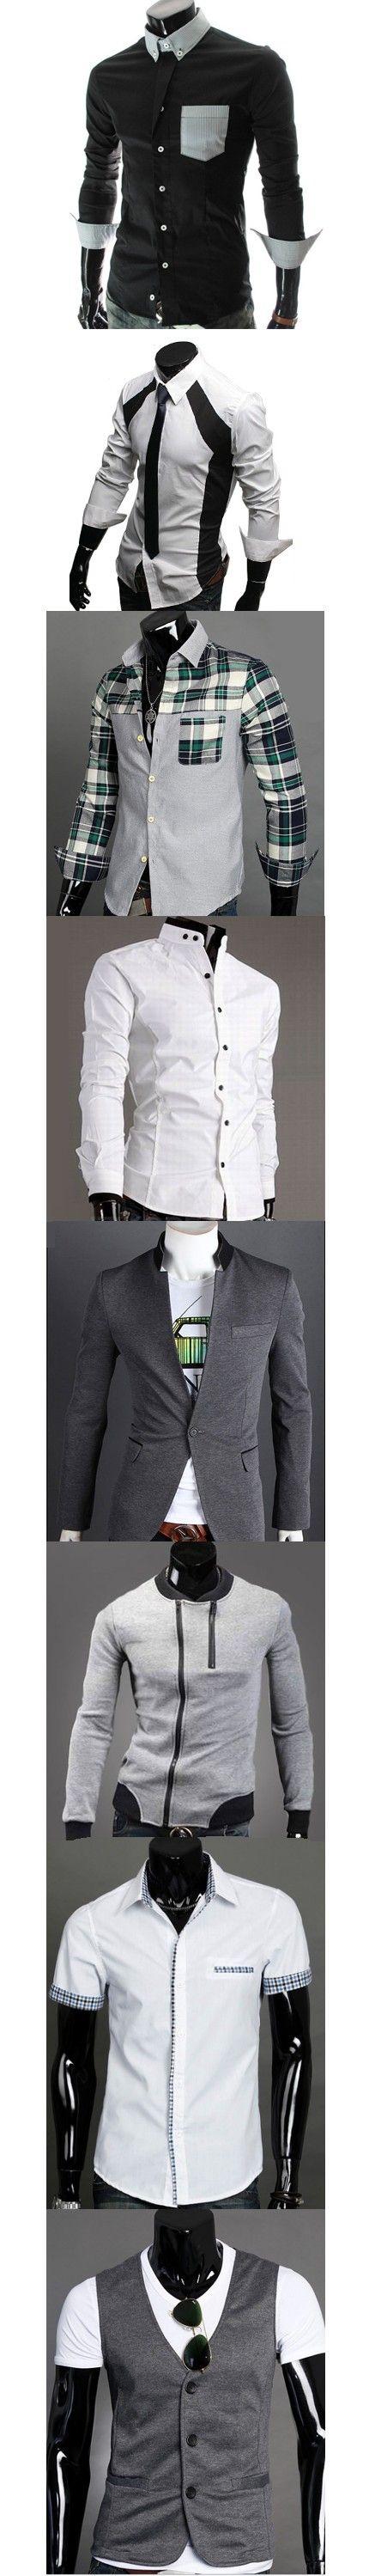 #Men fashion  style